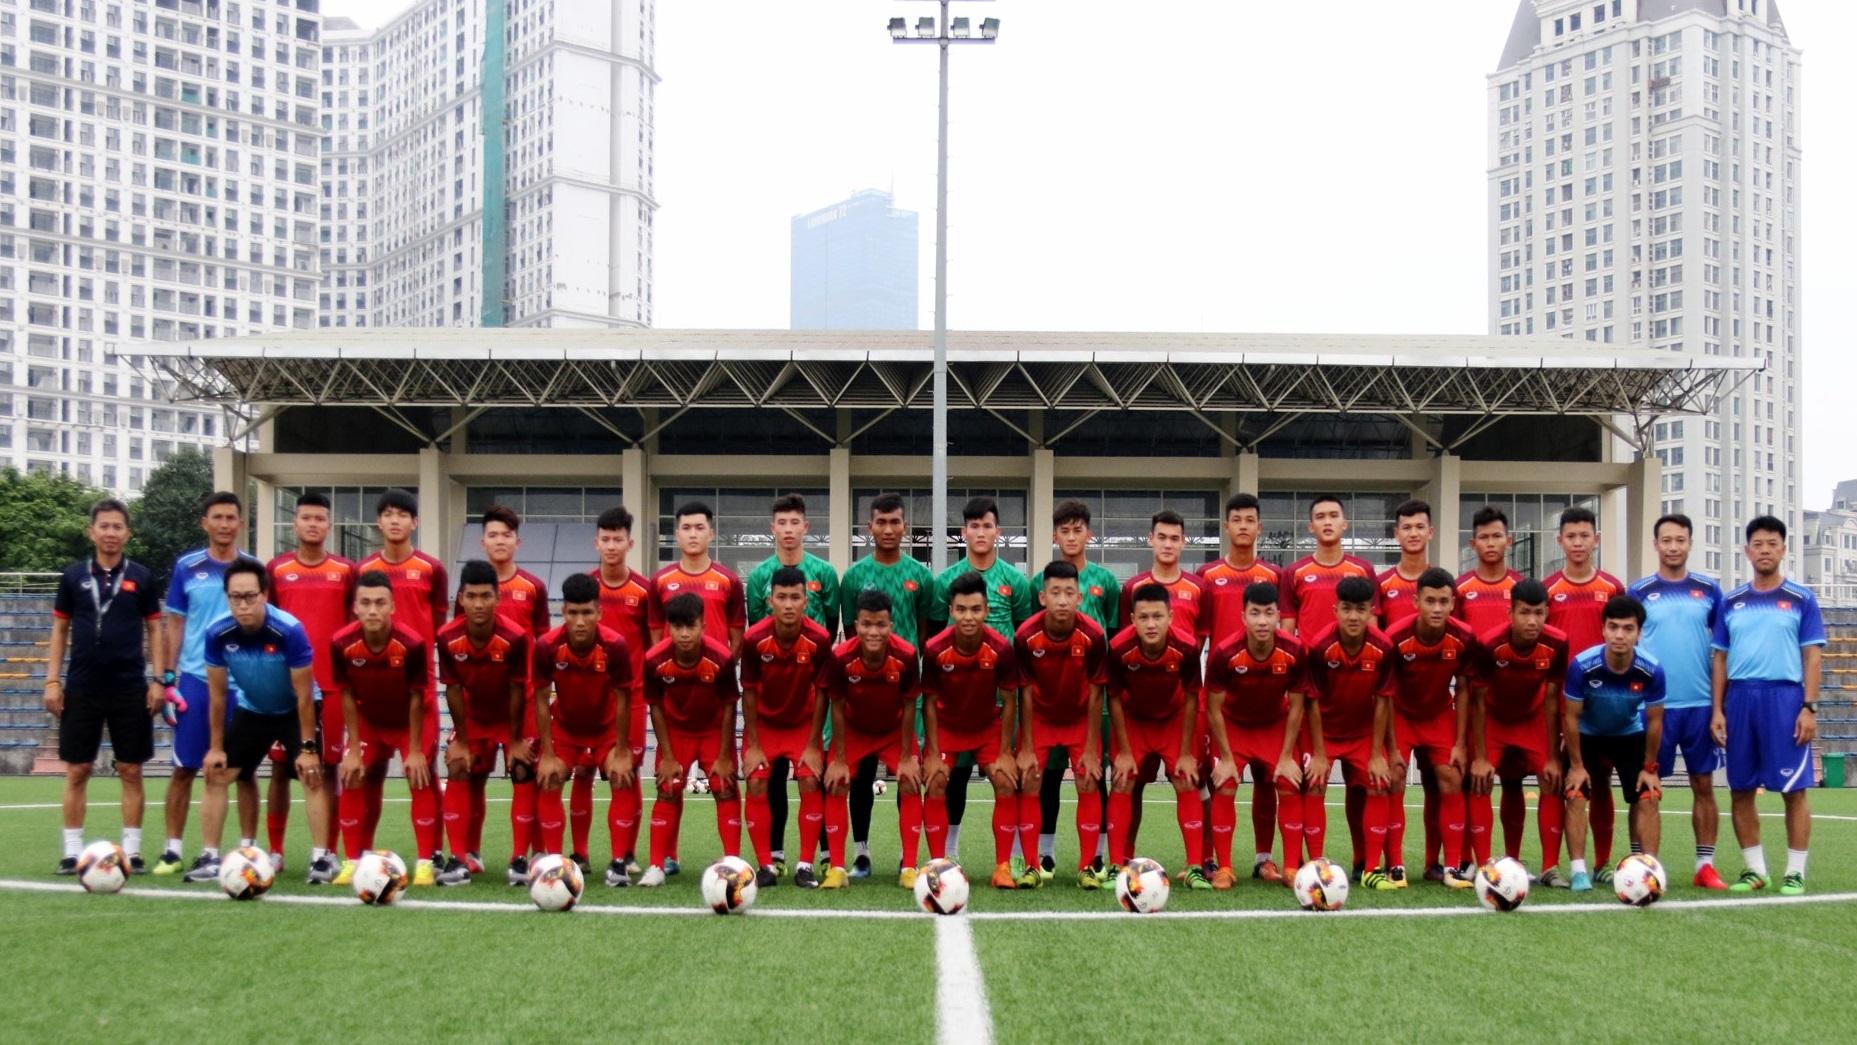 ĐT U18 Việt Nam tập trung chuẩn bị cho Giải vô địch U18 Đông Nam Á 2019